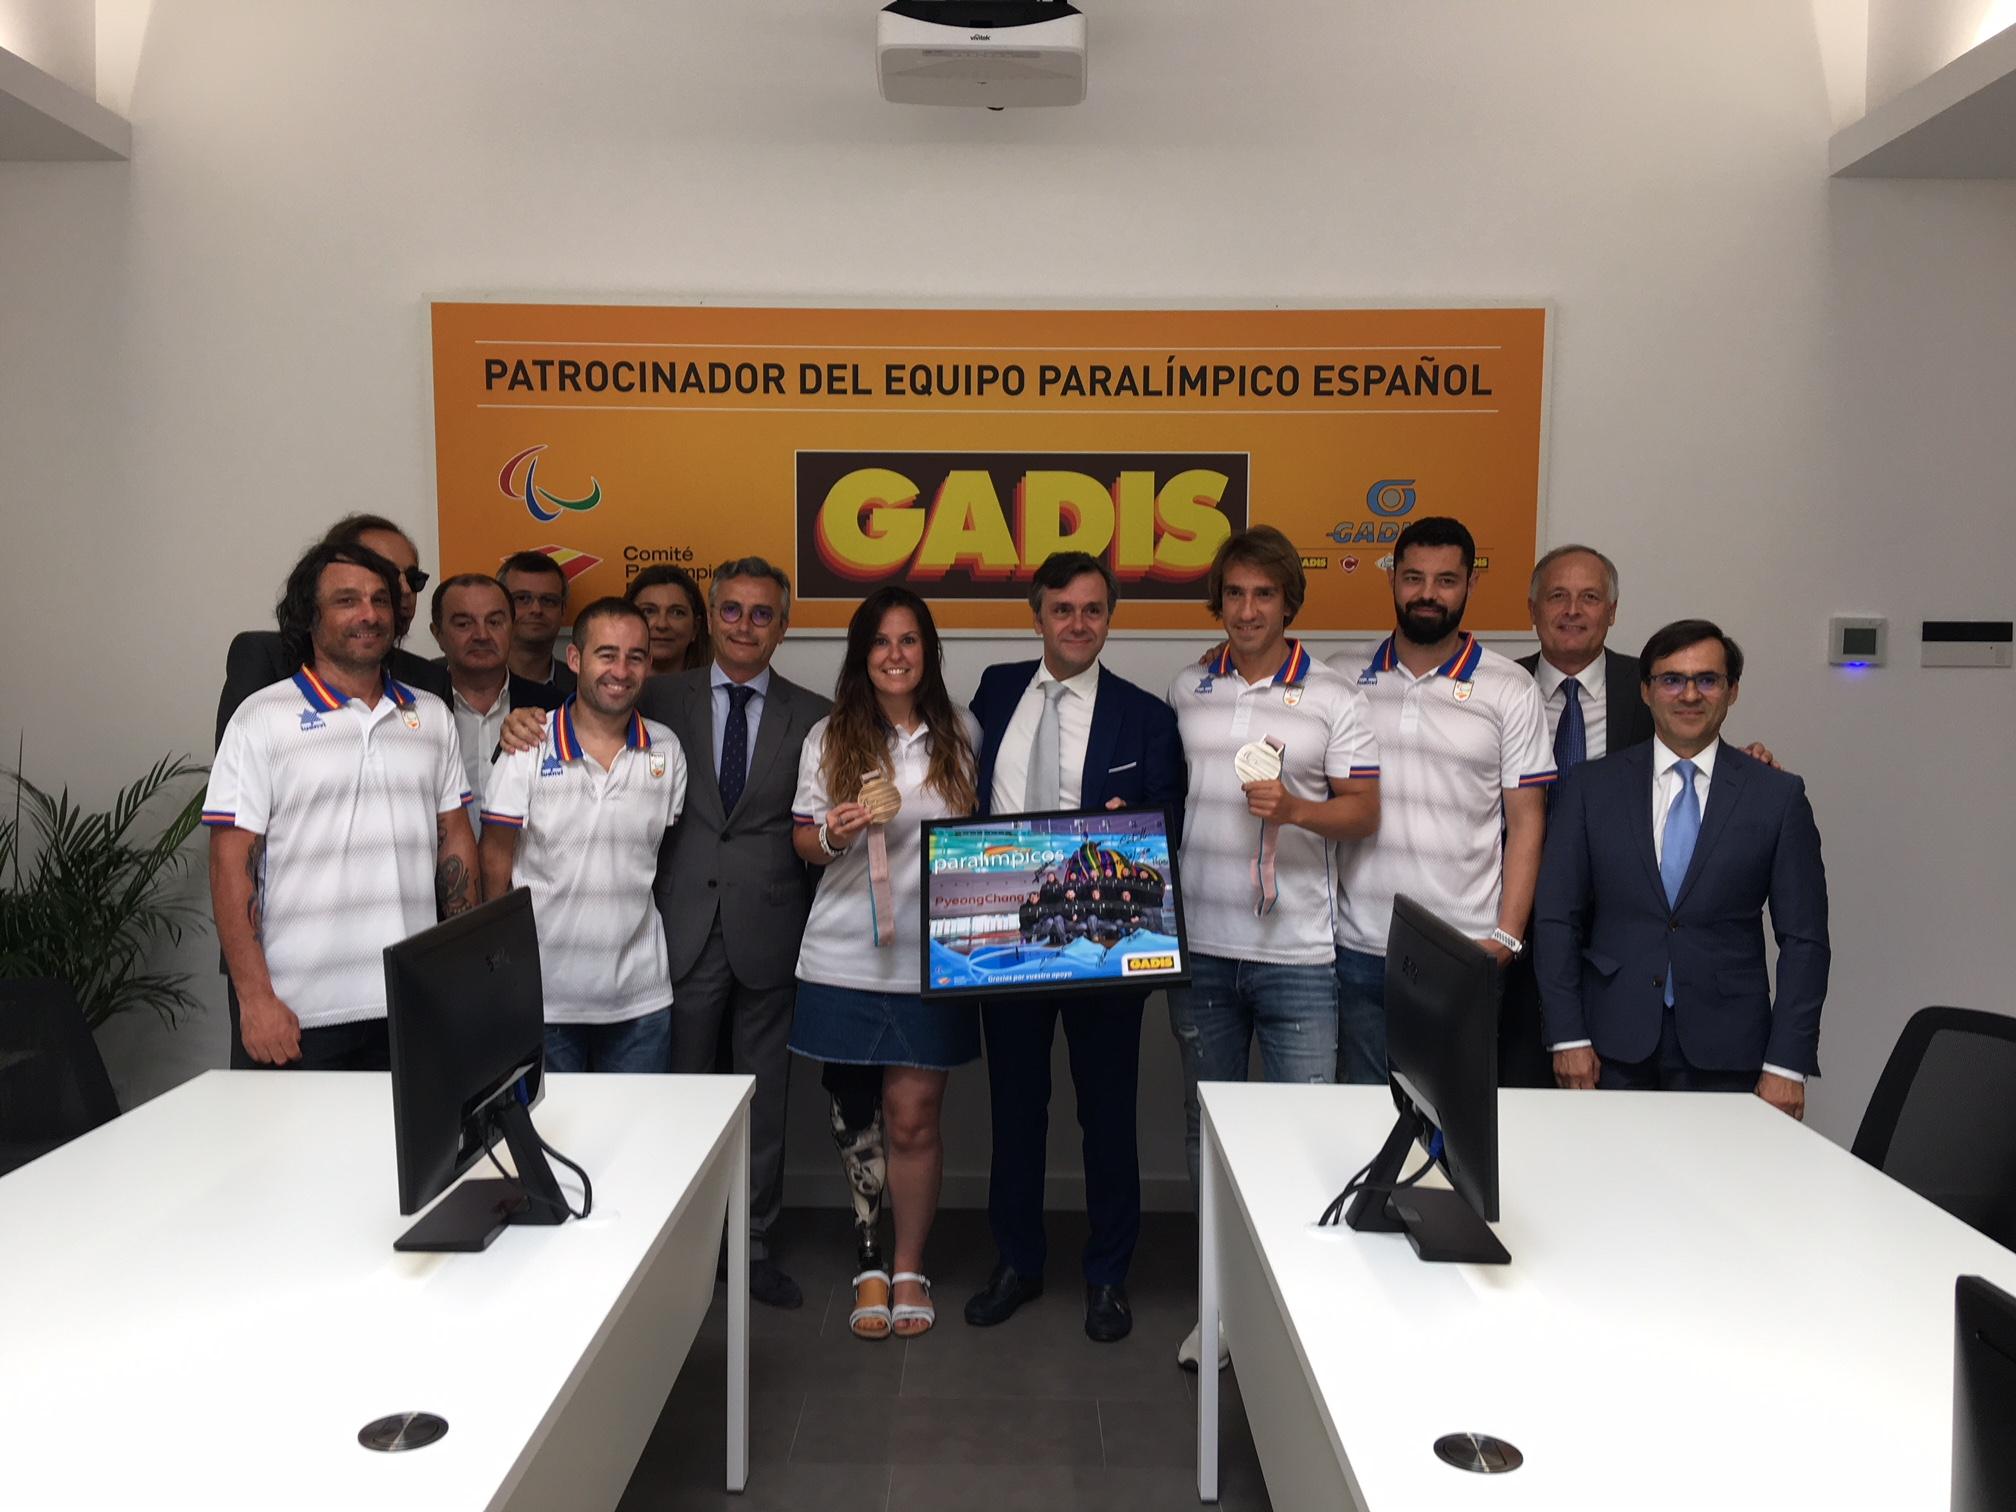 GADISA RECIBE LA VISITA DE AGRADECIMIENTO DEL EQUIPO PARALÍMPICO ESPAÑOL POR SU FIRME APOYO DURANTE LA ÚLTIMA DÉCADA